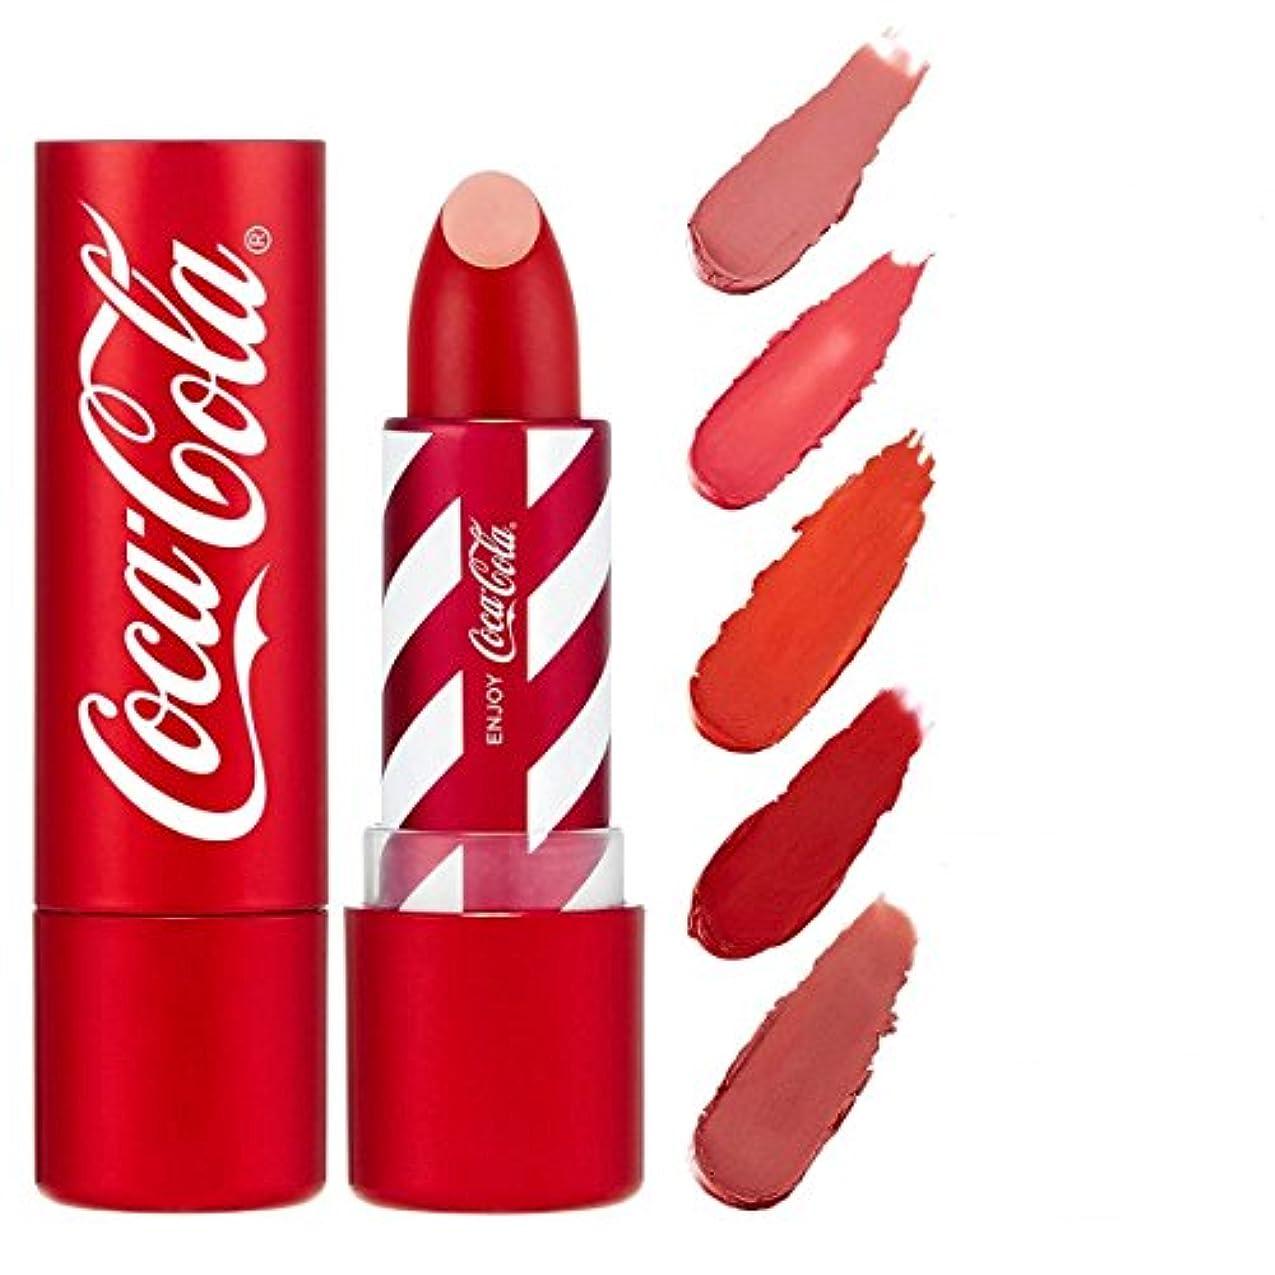 スパーク昇る控えめなコカ?コーラ×THE FACE SHOP リップスティック ~ コカ?コーラ公式グッズ 04 COKE RED